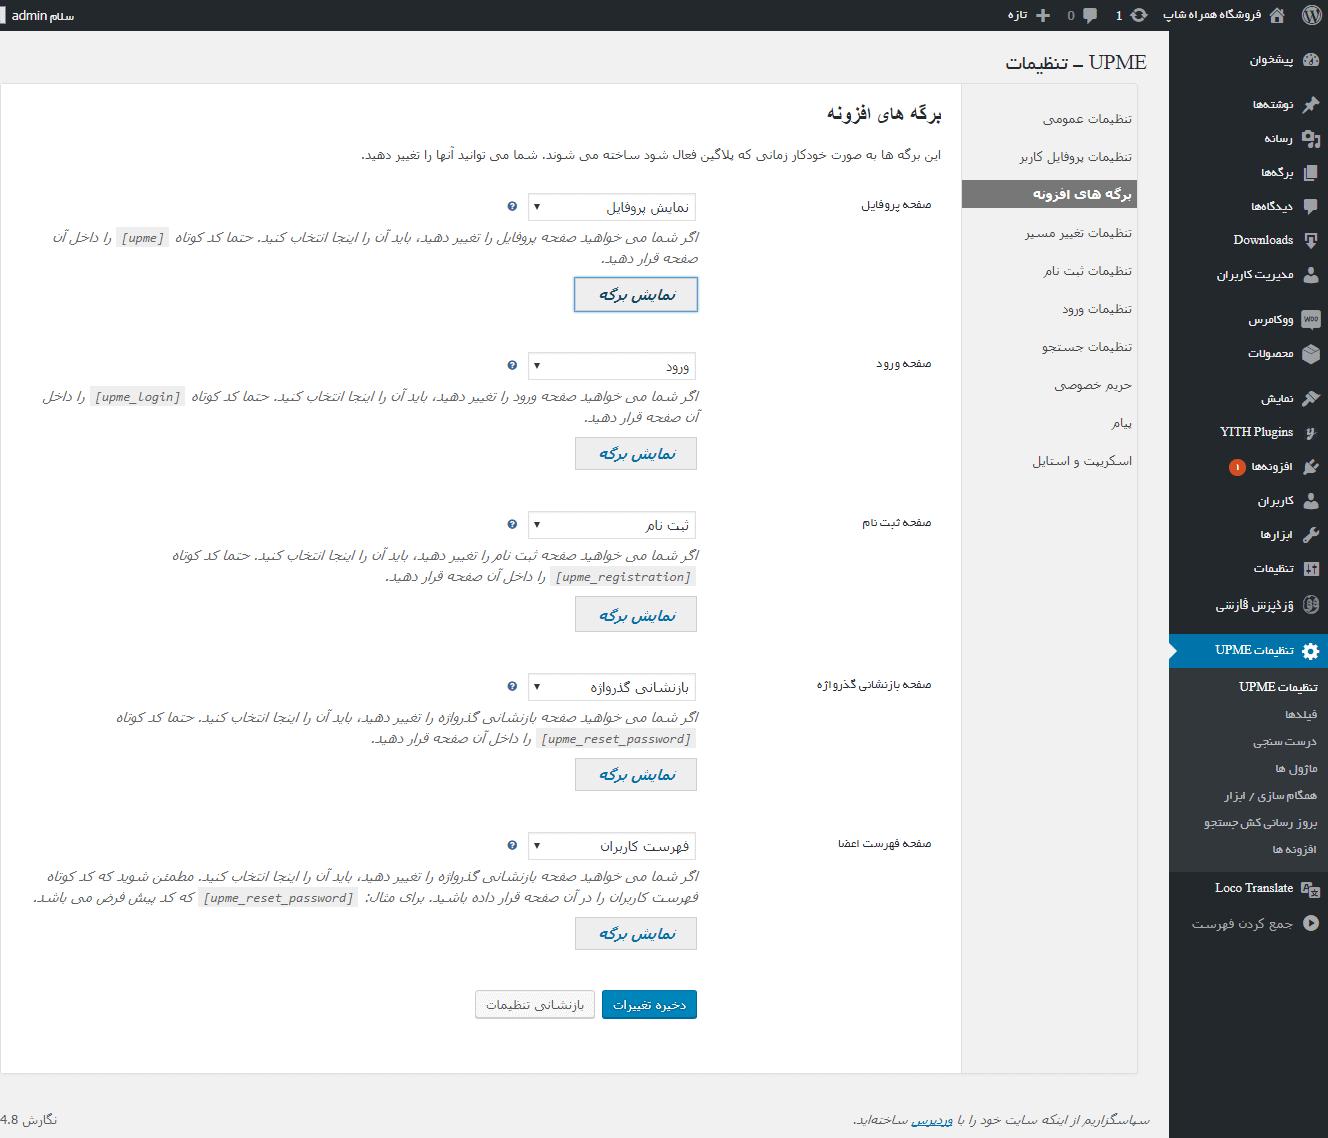 تنظیمات برگه های افزونه UPME